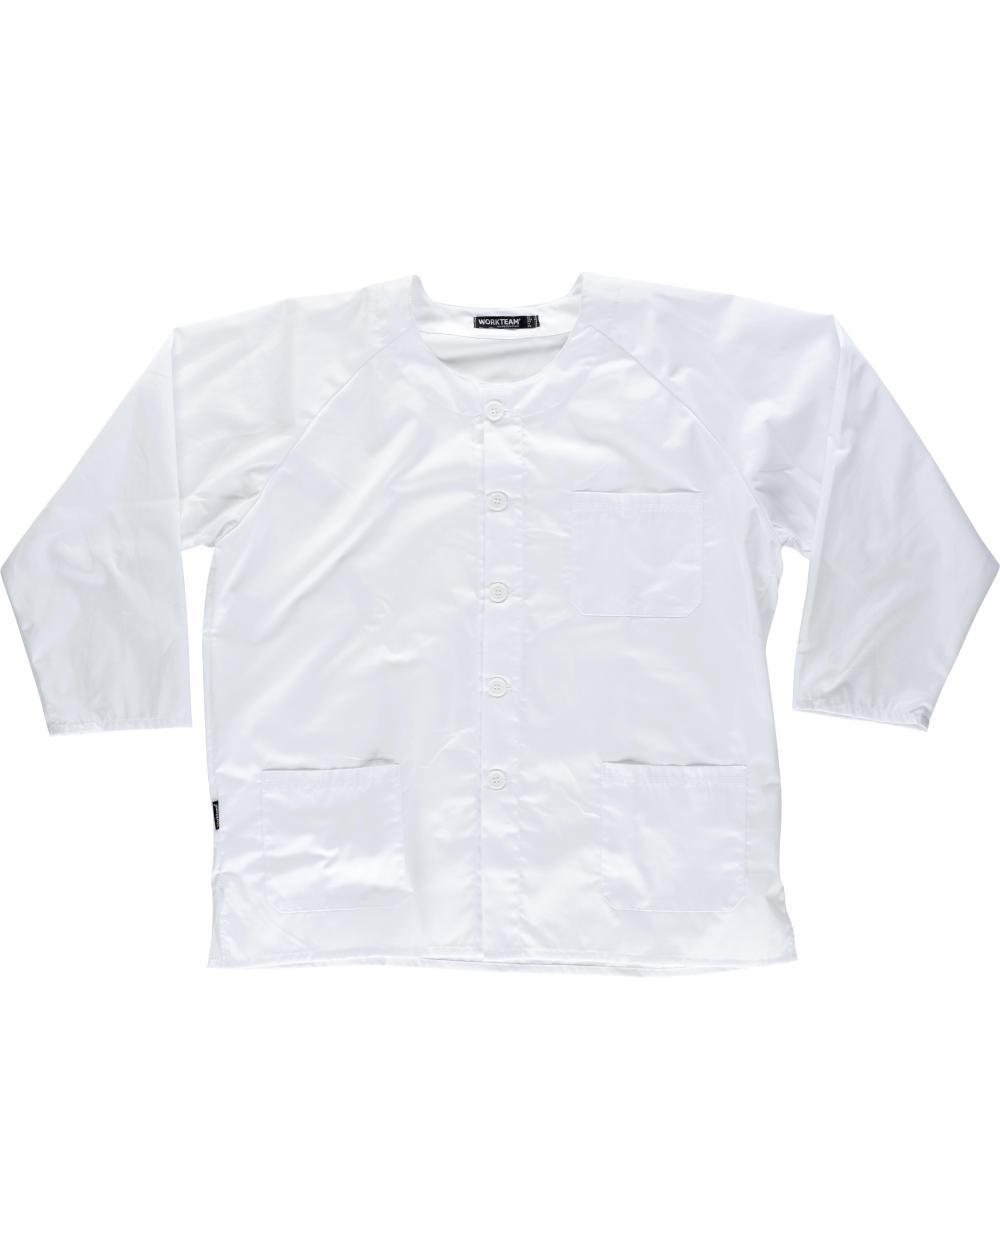 Comprar Casaca sanitaria unisex B9410 Blanco workteam delante